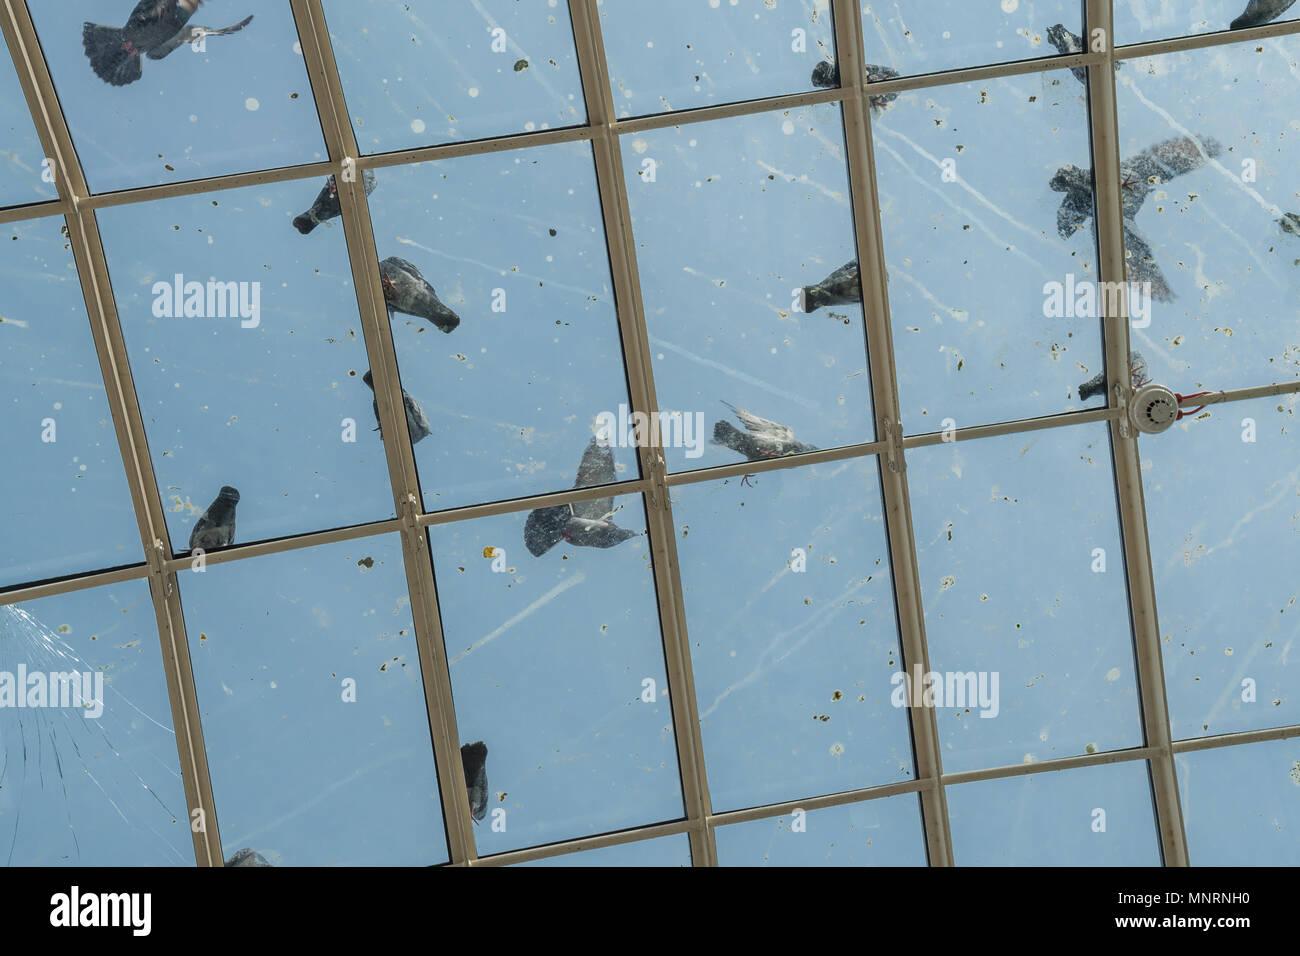 Tauben auf dem Glasdach des St Enoch Station, Glasgow, Schottland, Großbritannien Stockbild